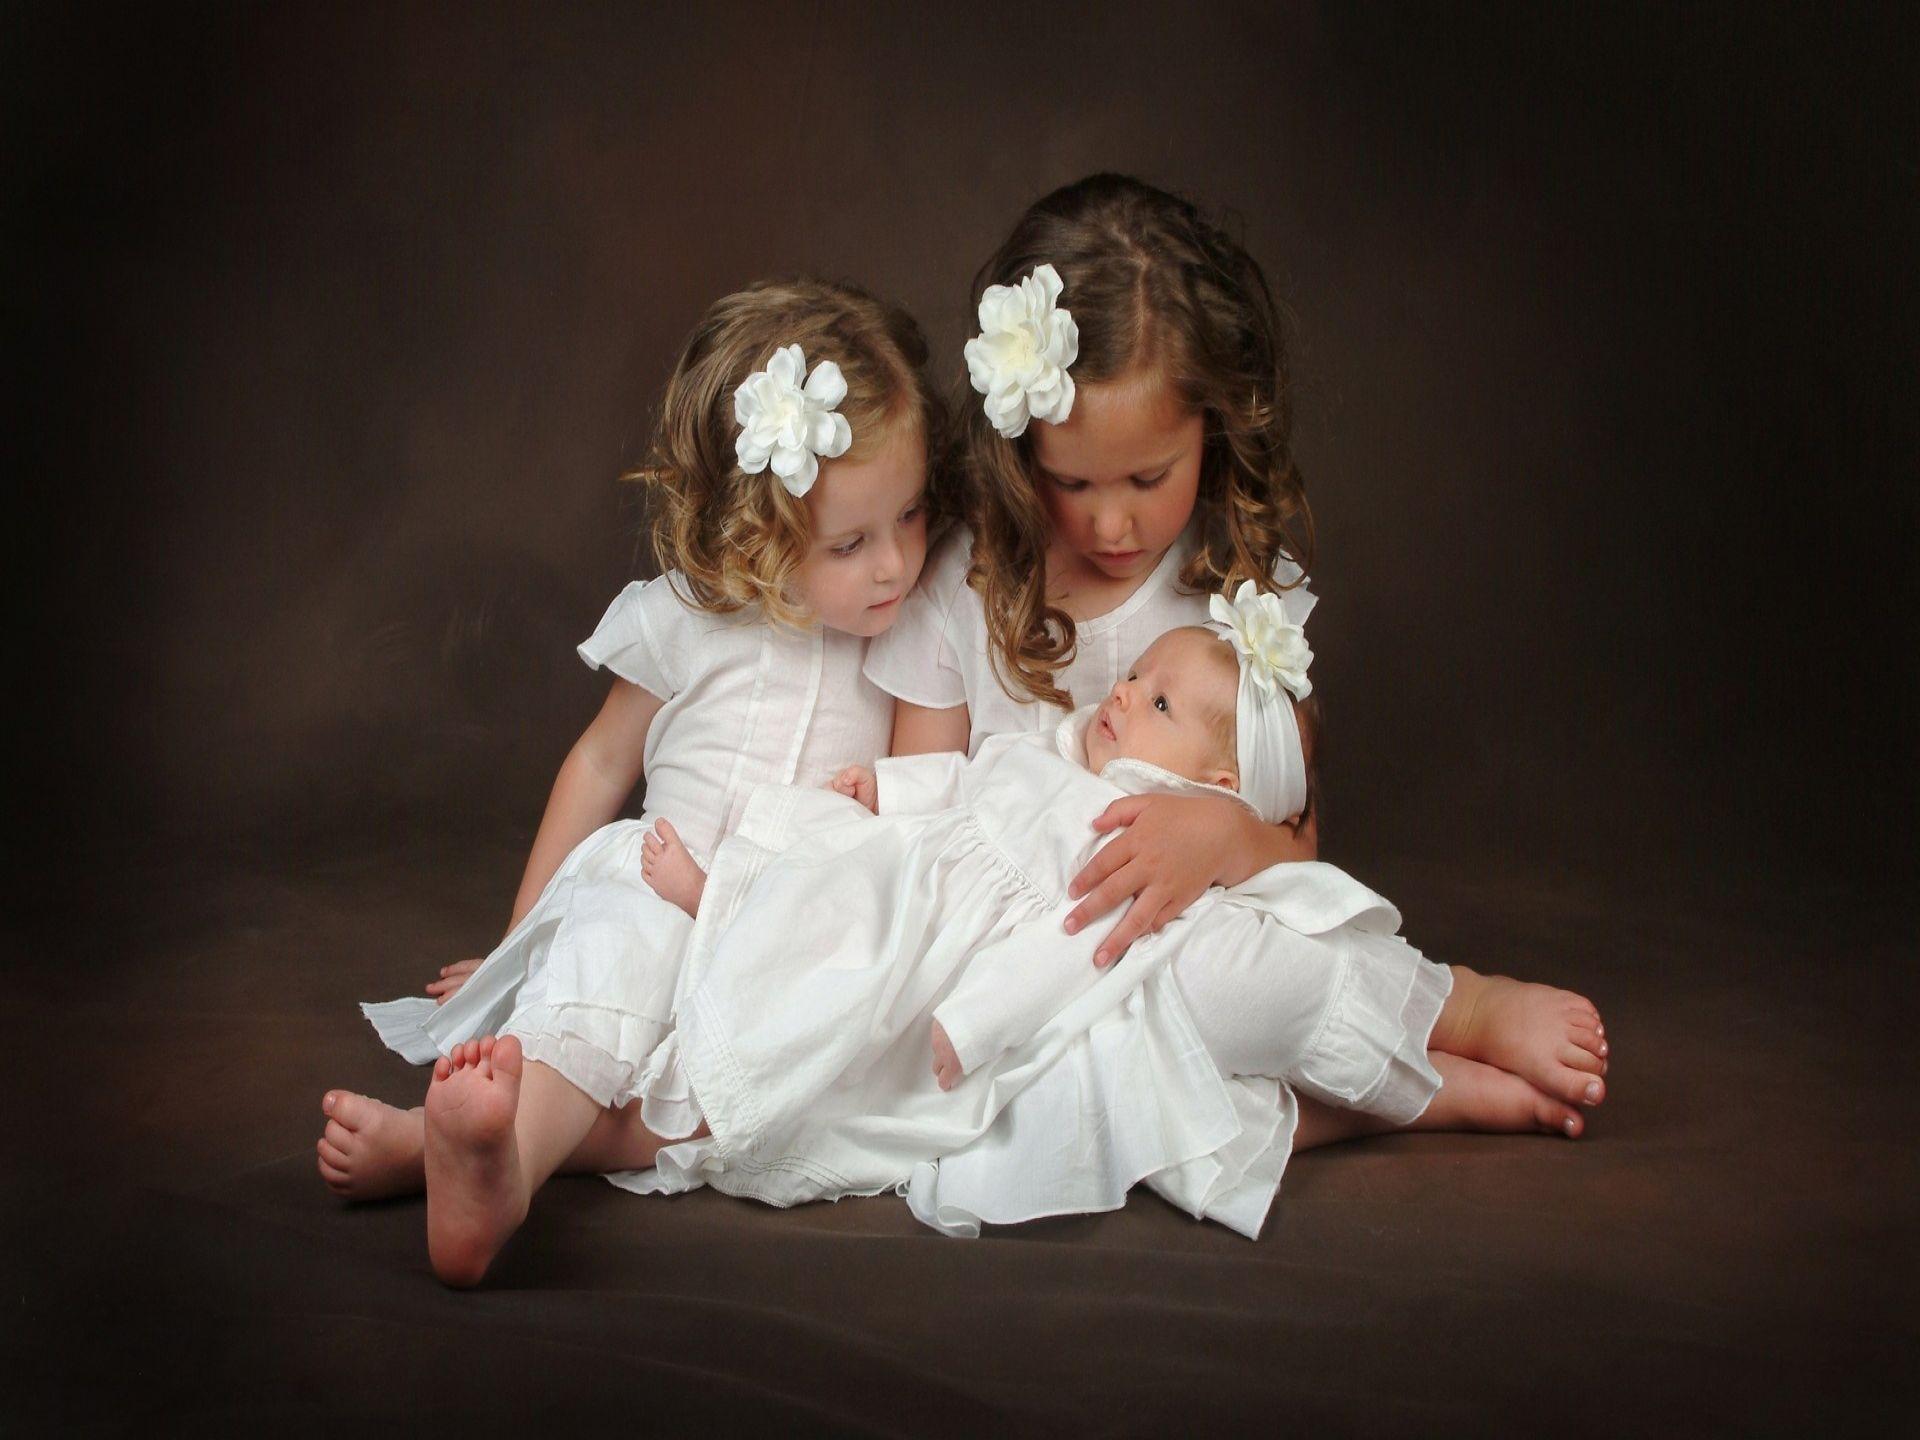 Sestre Little_sister_love-normal